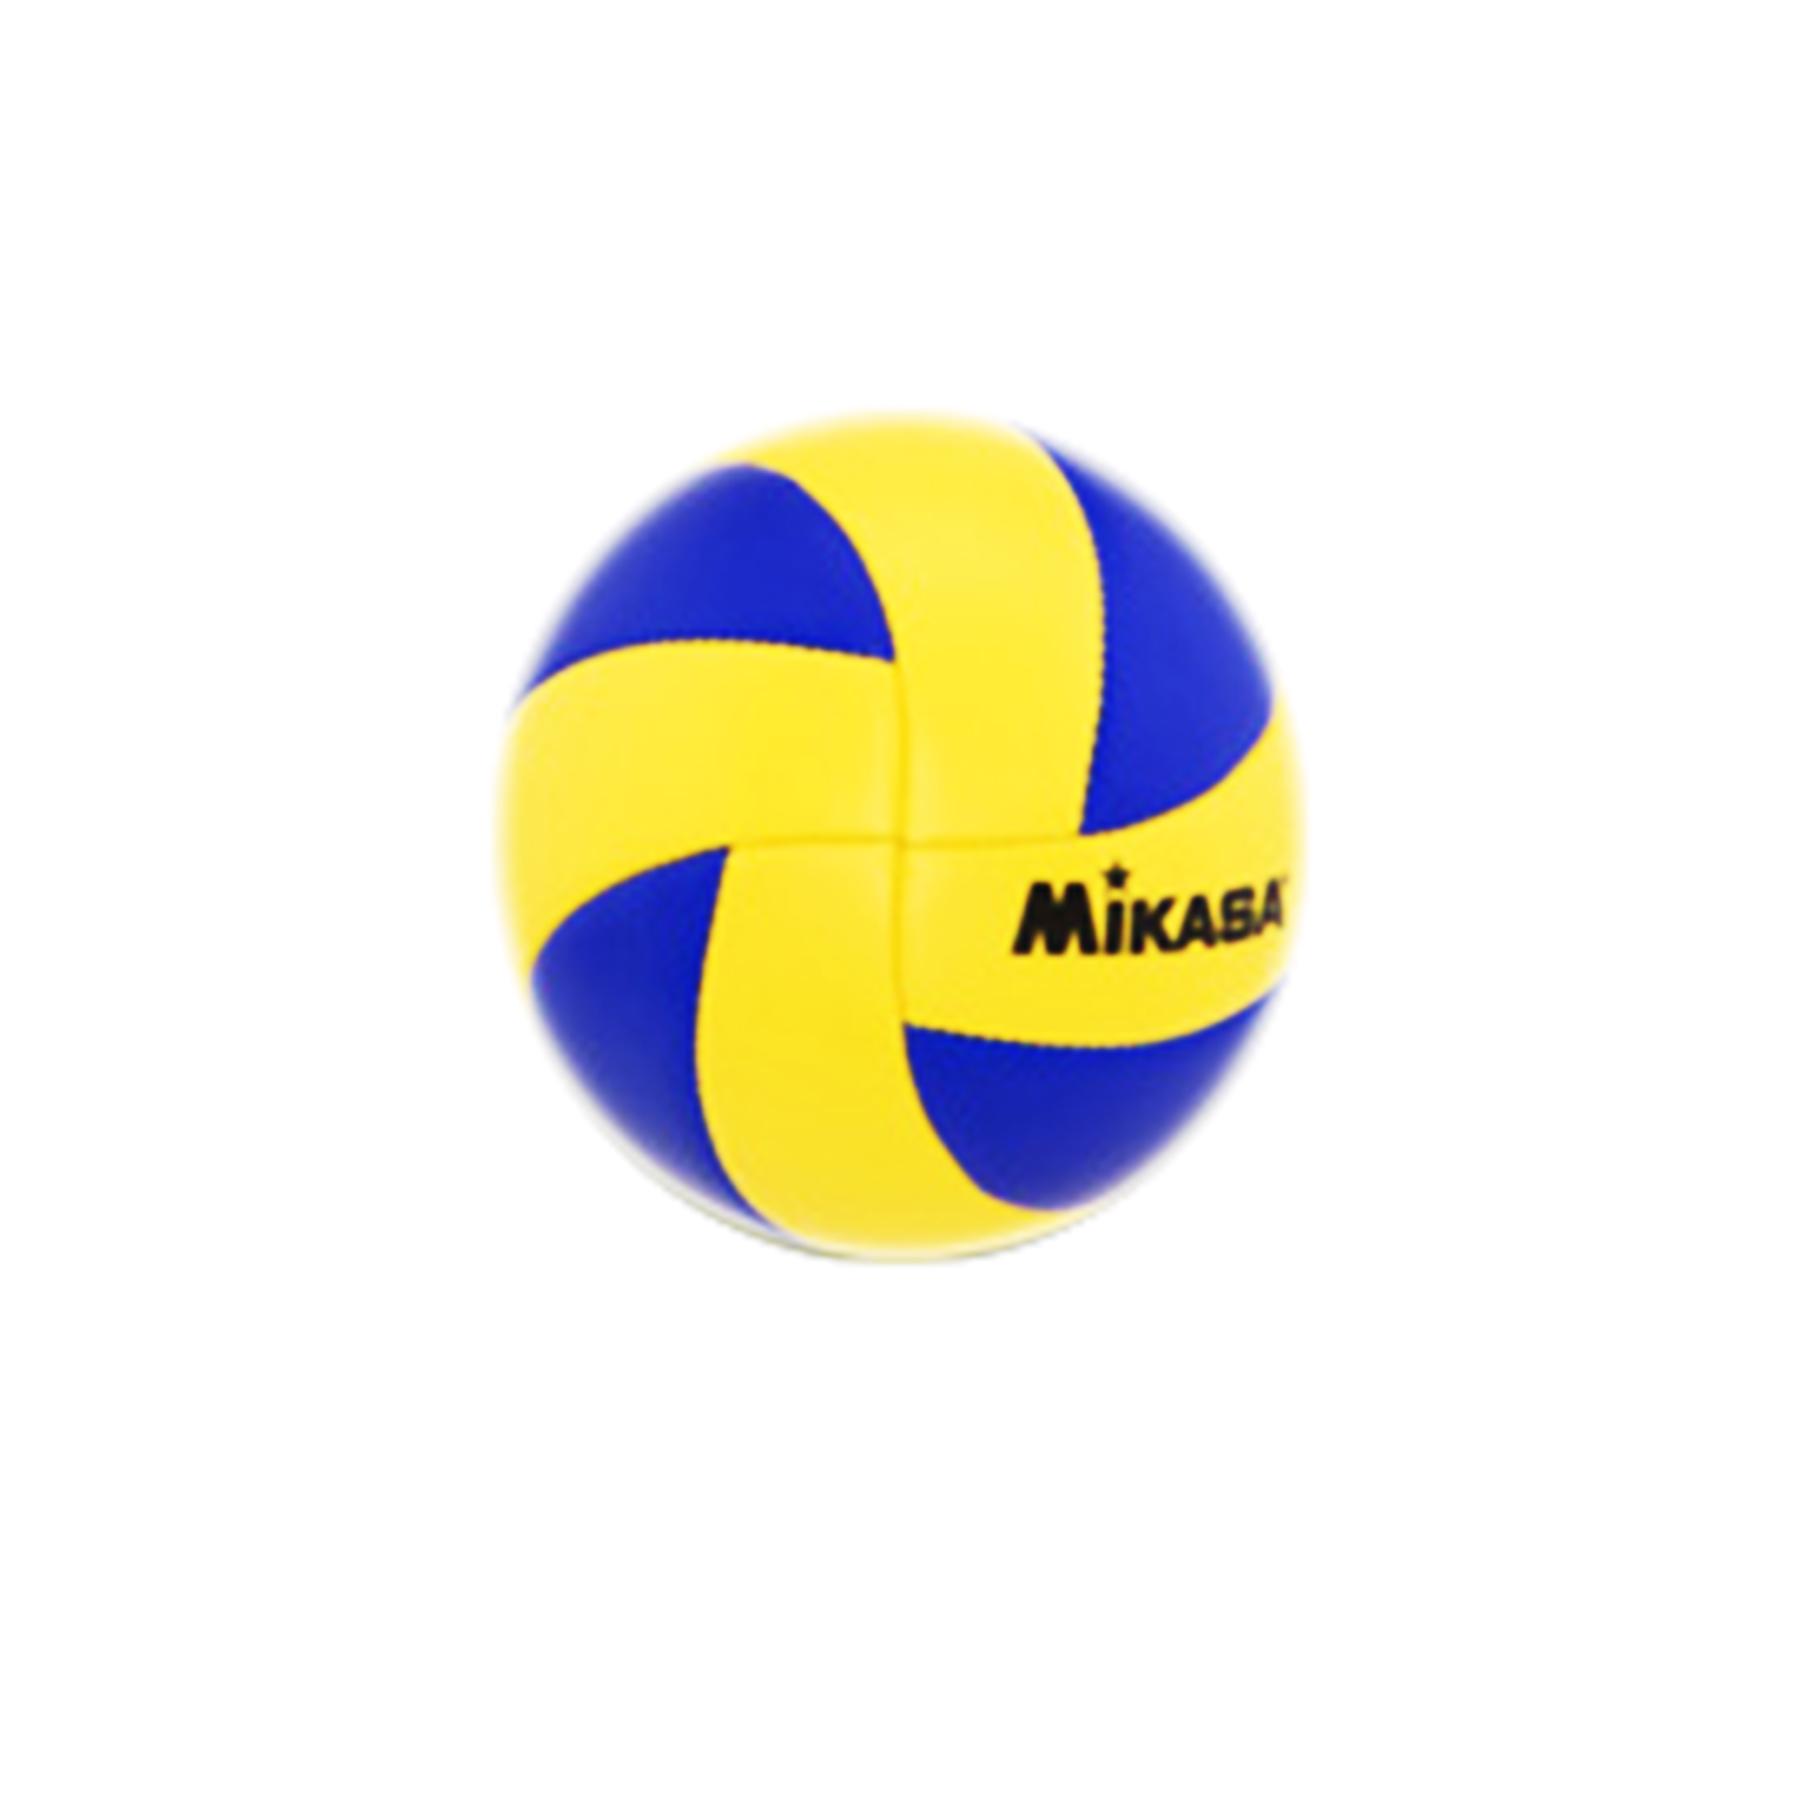 Мяч в/б Микаса MVA 1.5 сувенирный